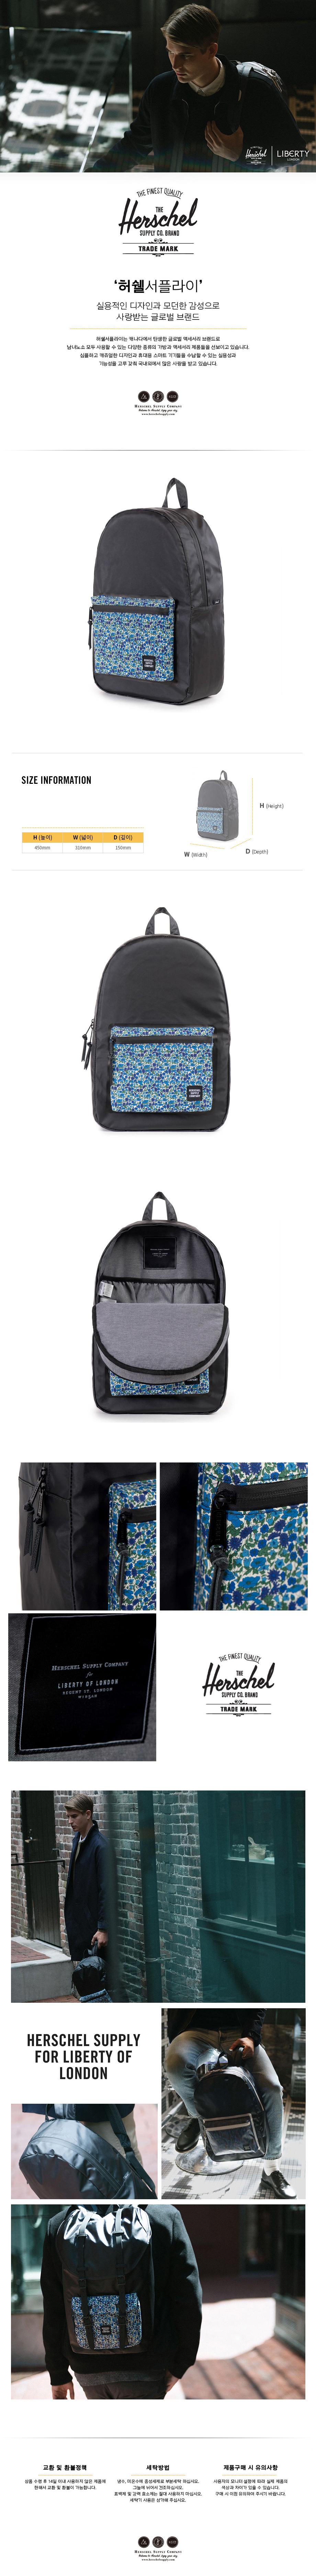 ★단독판매★[허쉘]HERSCHEL - LIBERTY x HERSCHEL SETTLEMENT (Black Petal) 허쉘코리아 정품 세틀먼트 백팩 가방